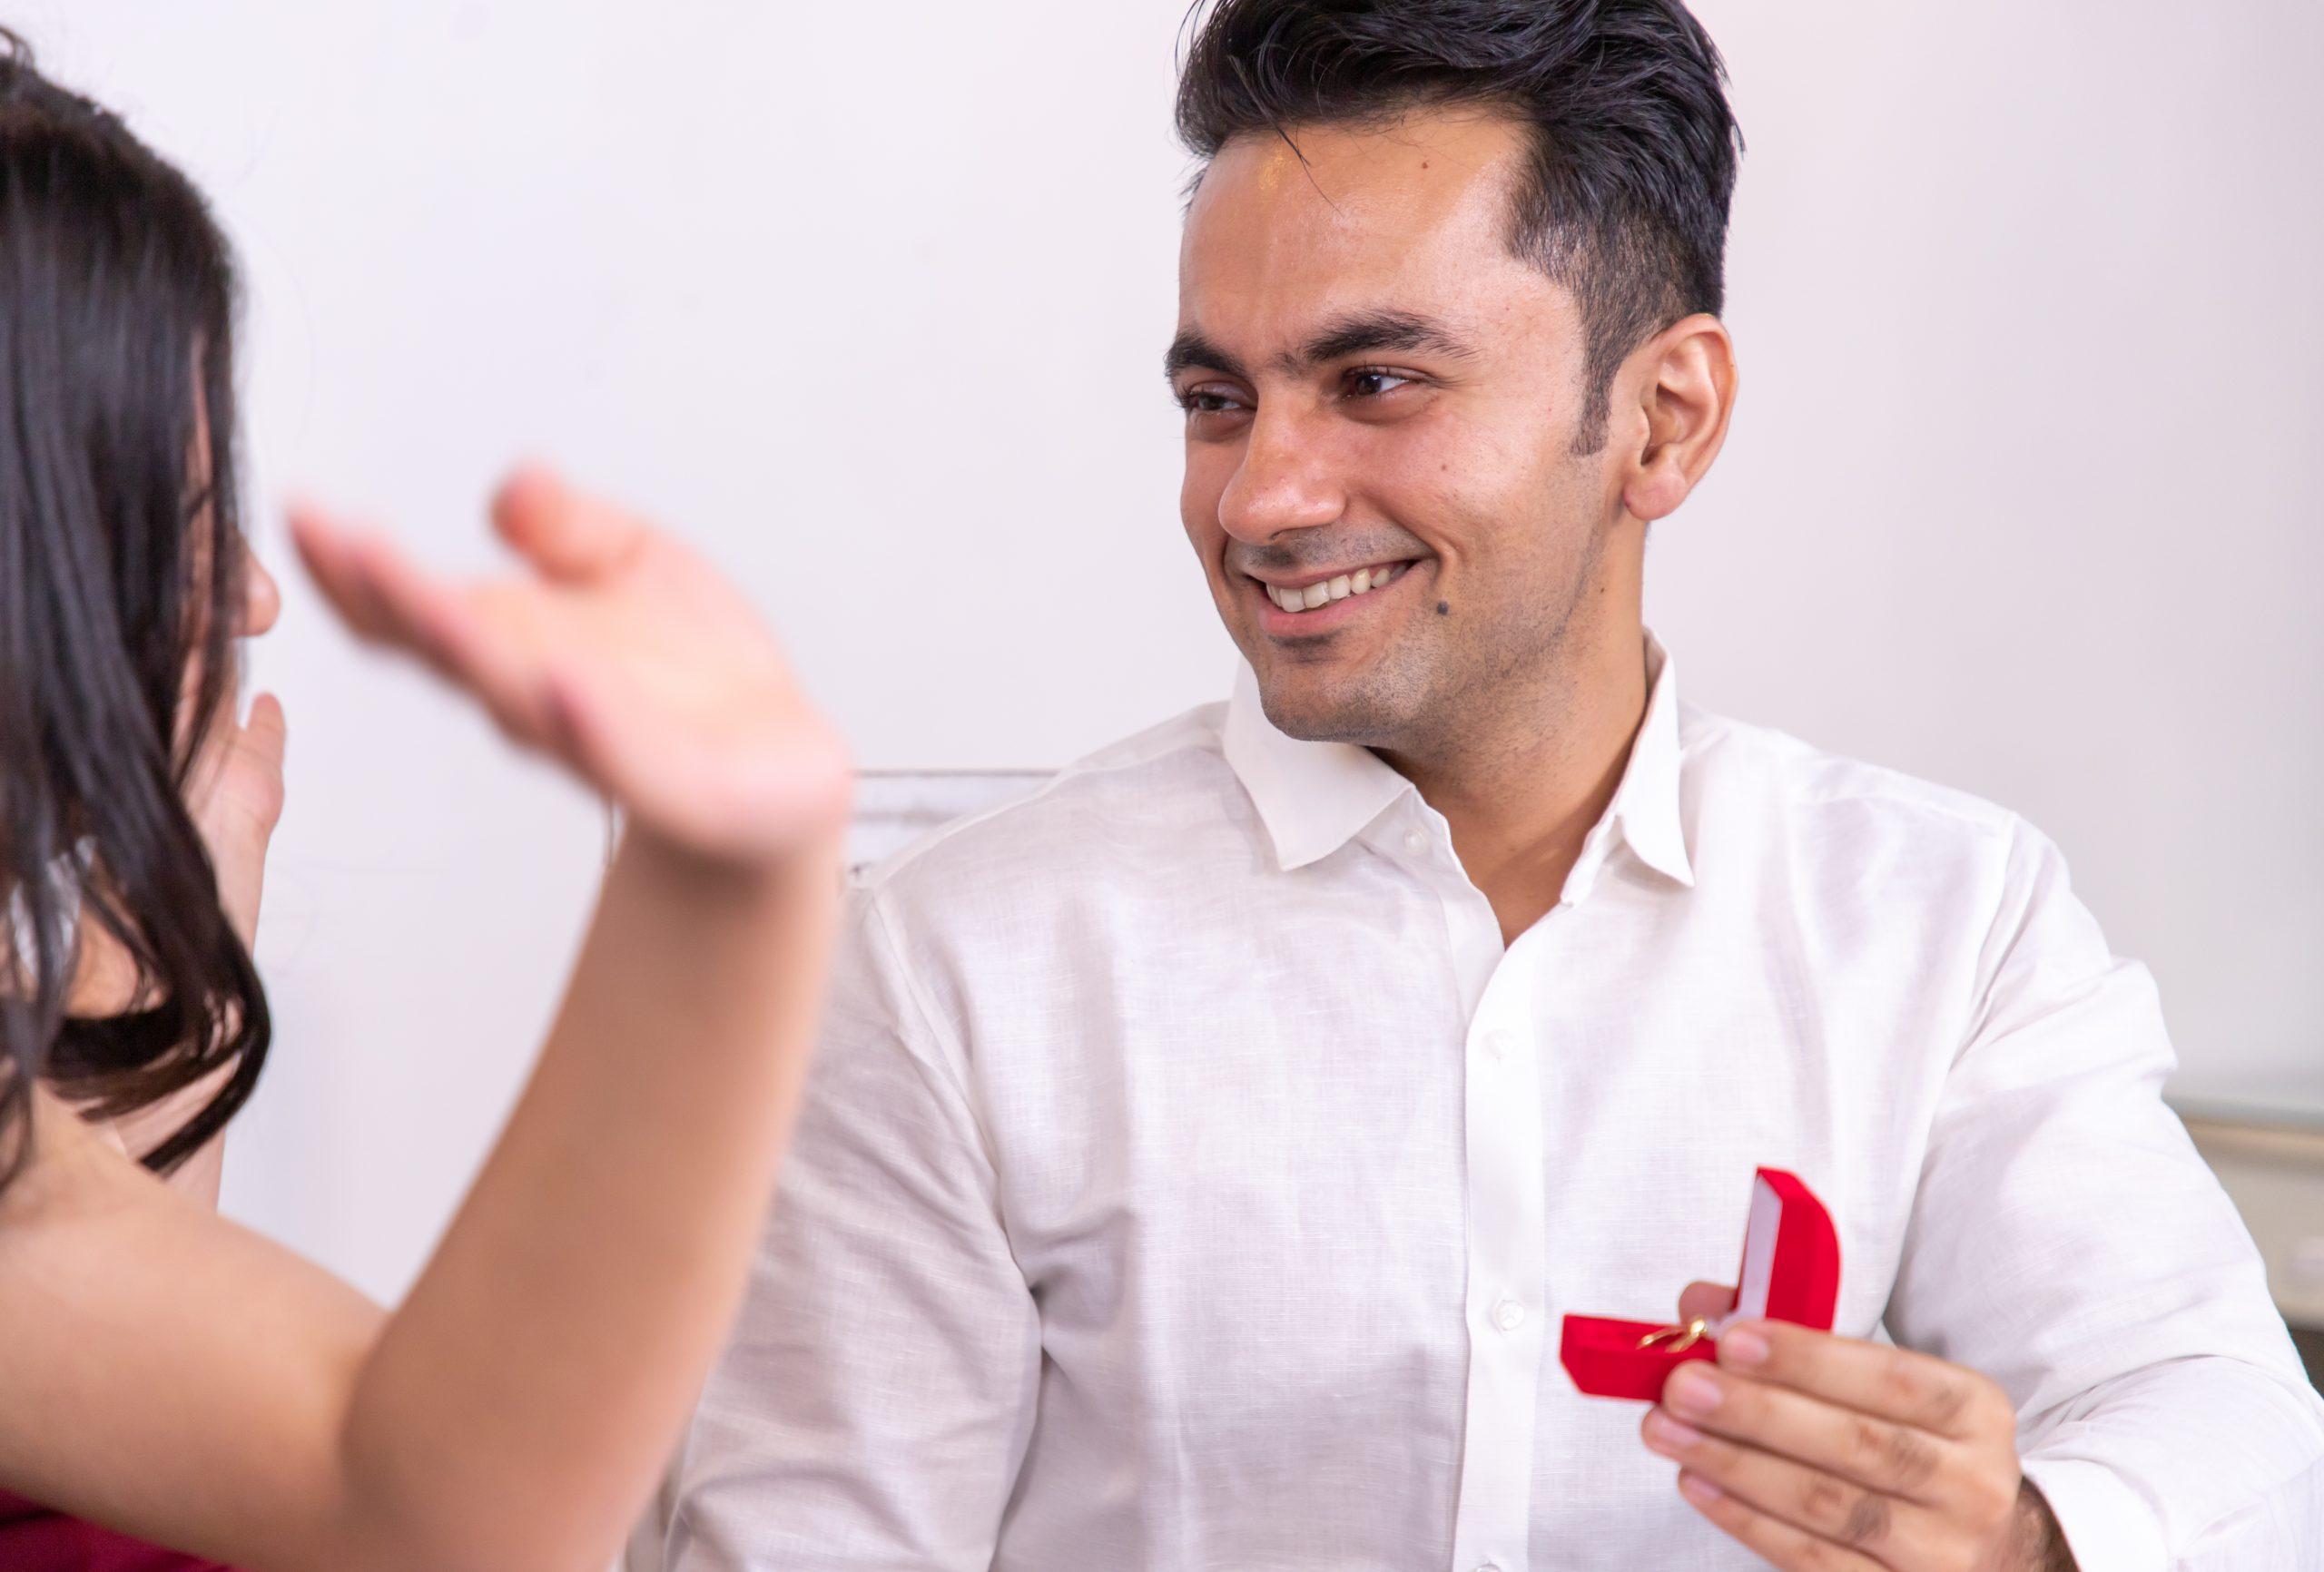 Boy proposing to girl